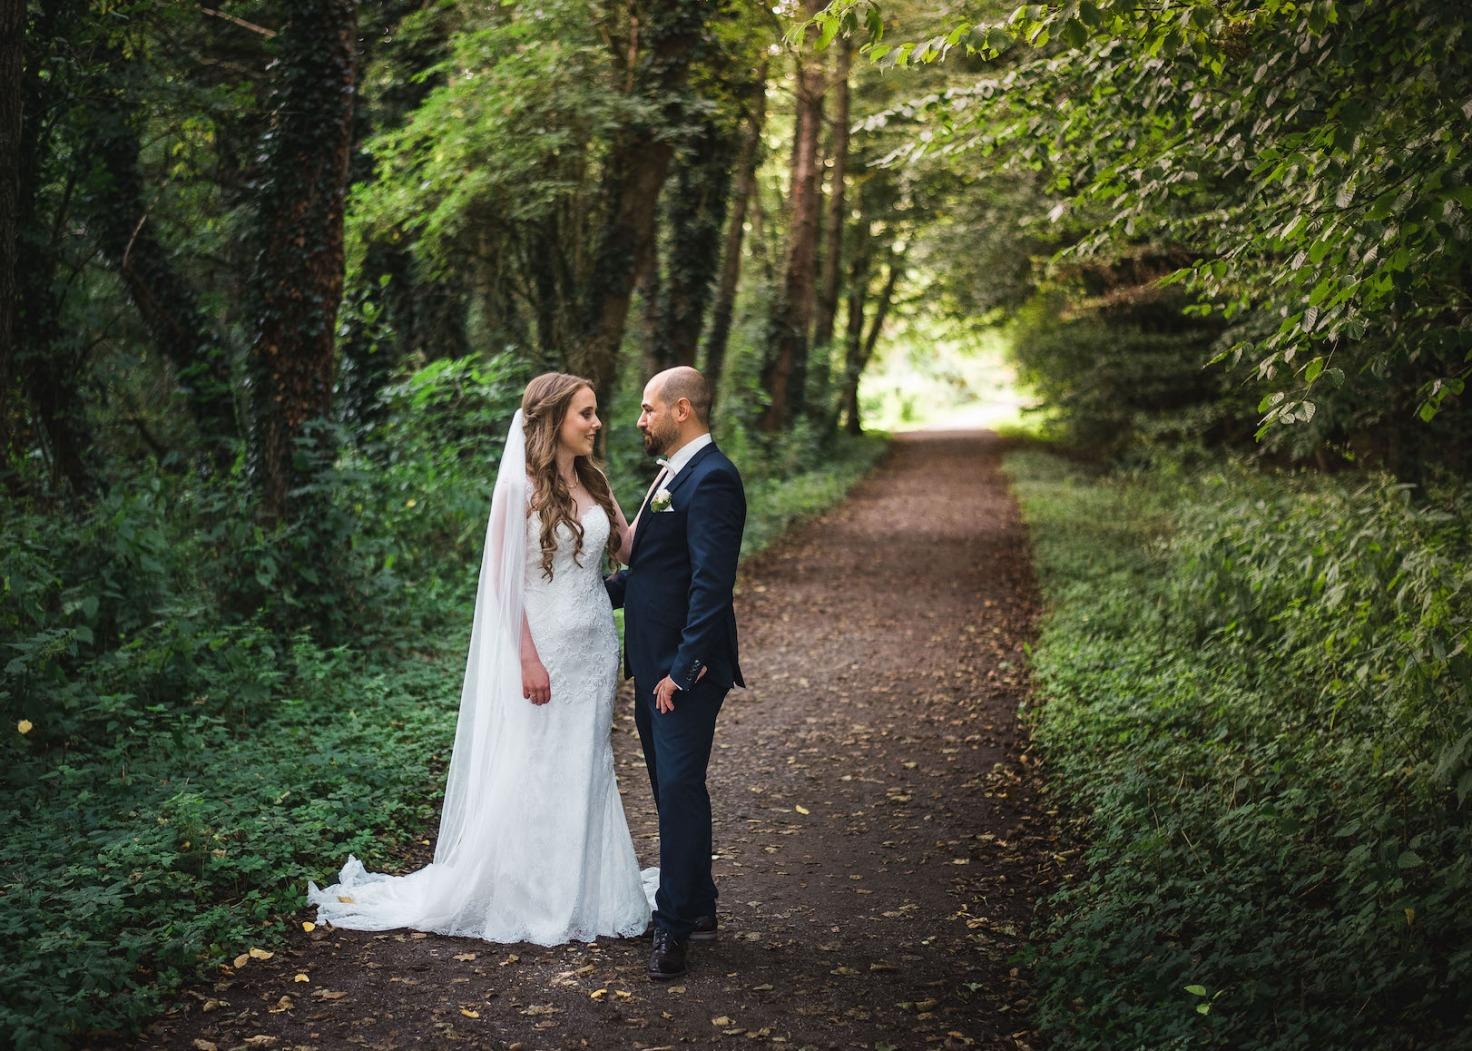 Hochzeit von Katharina und Mustafa in Münster: Paarshooting im Park